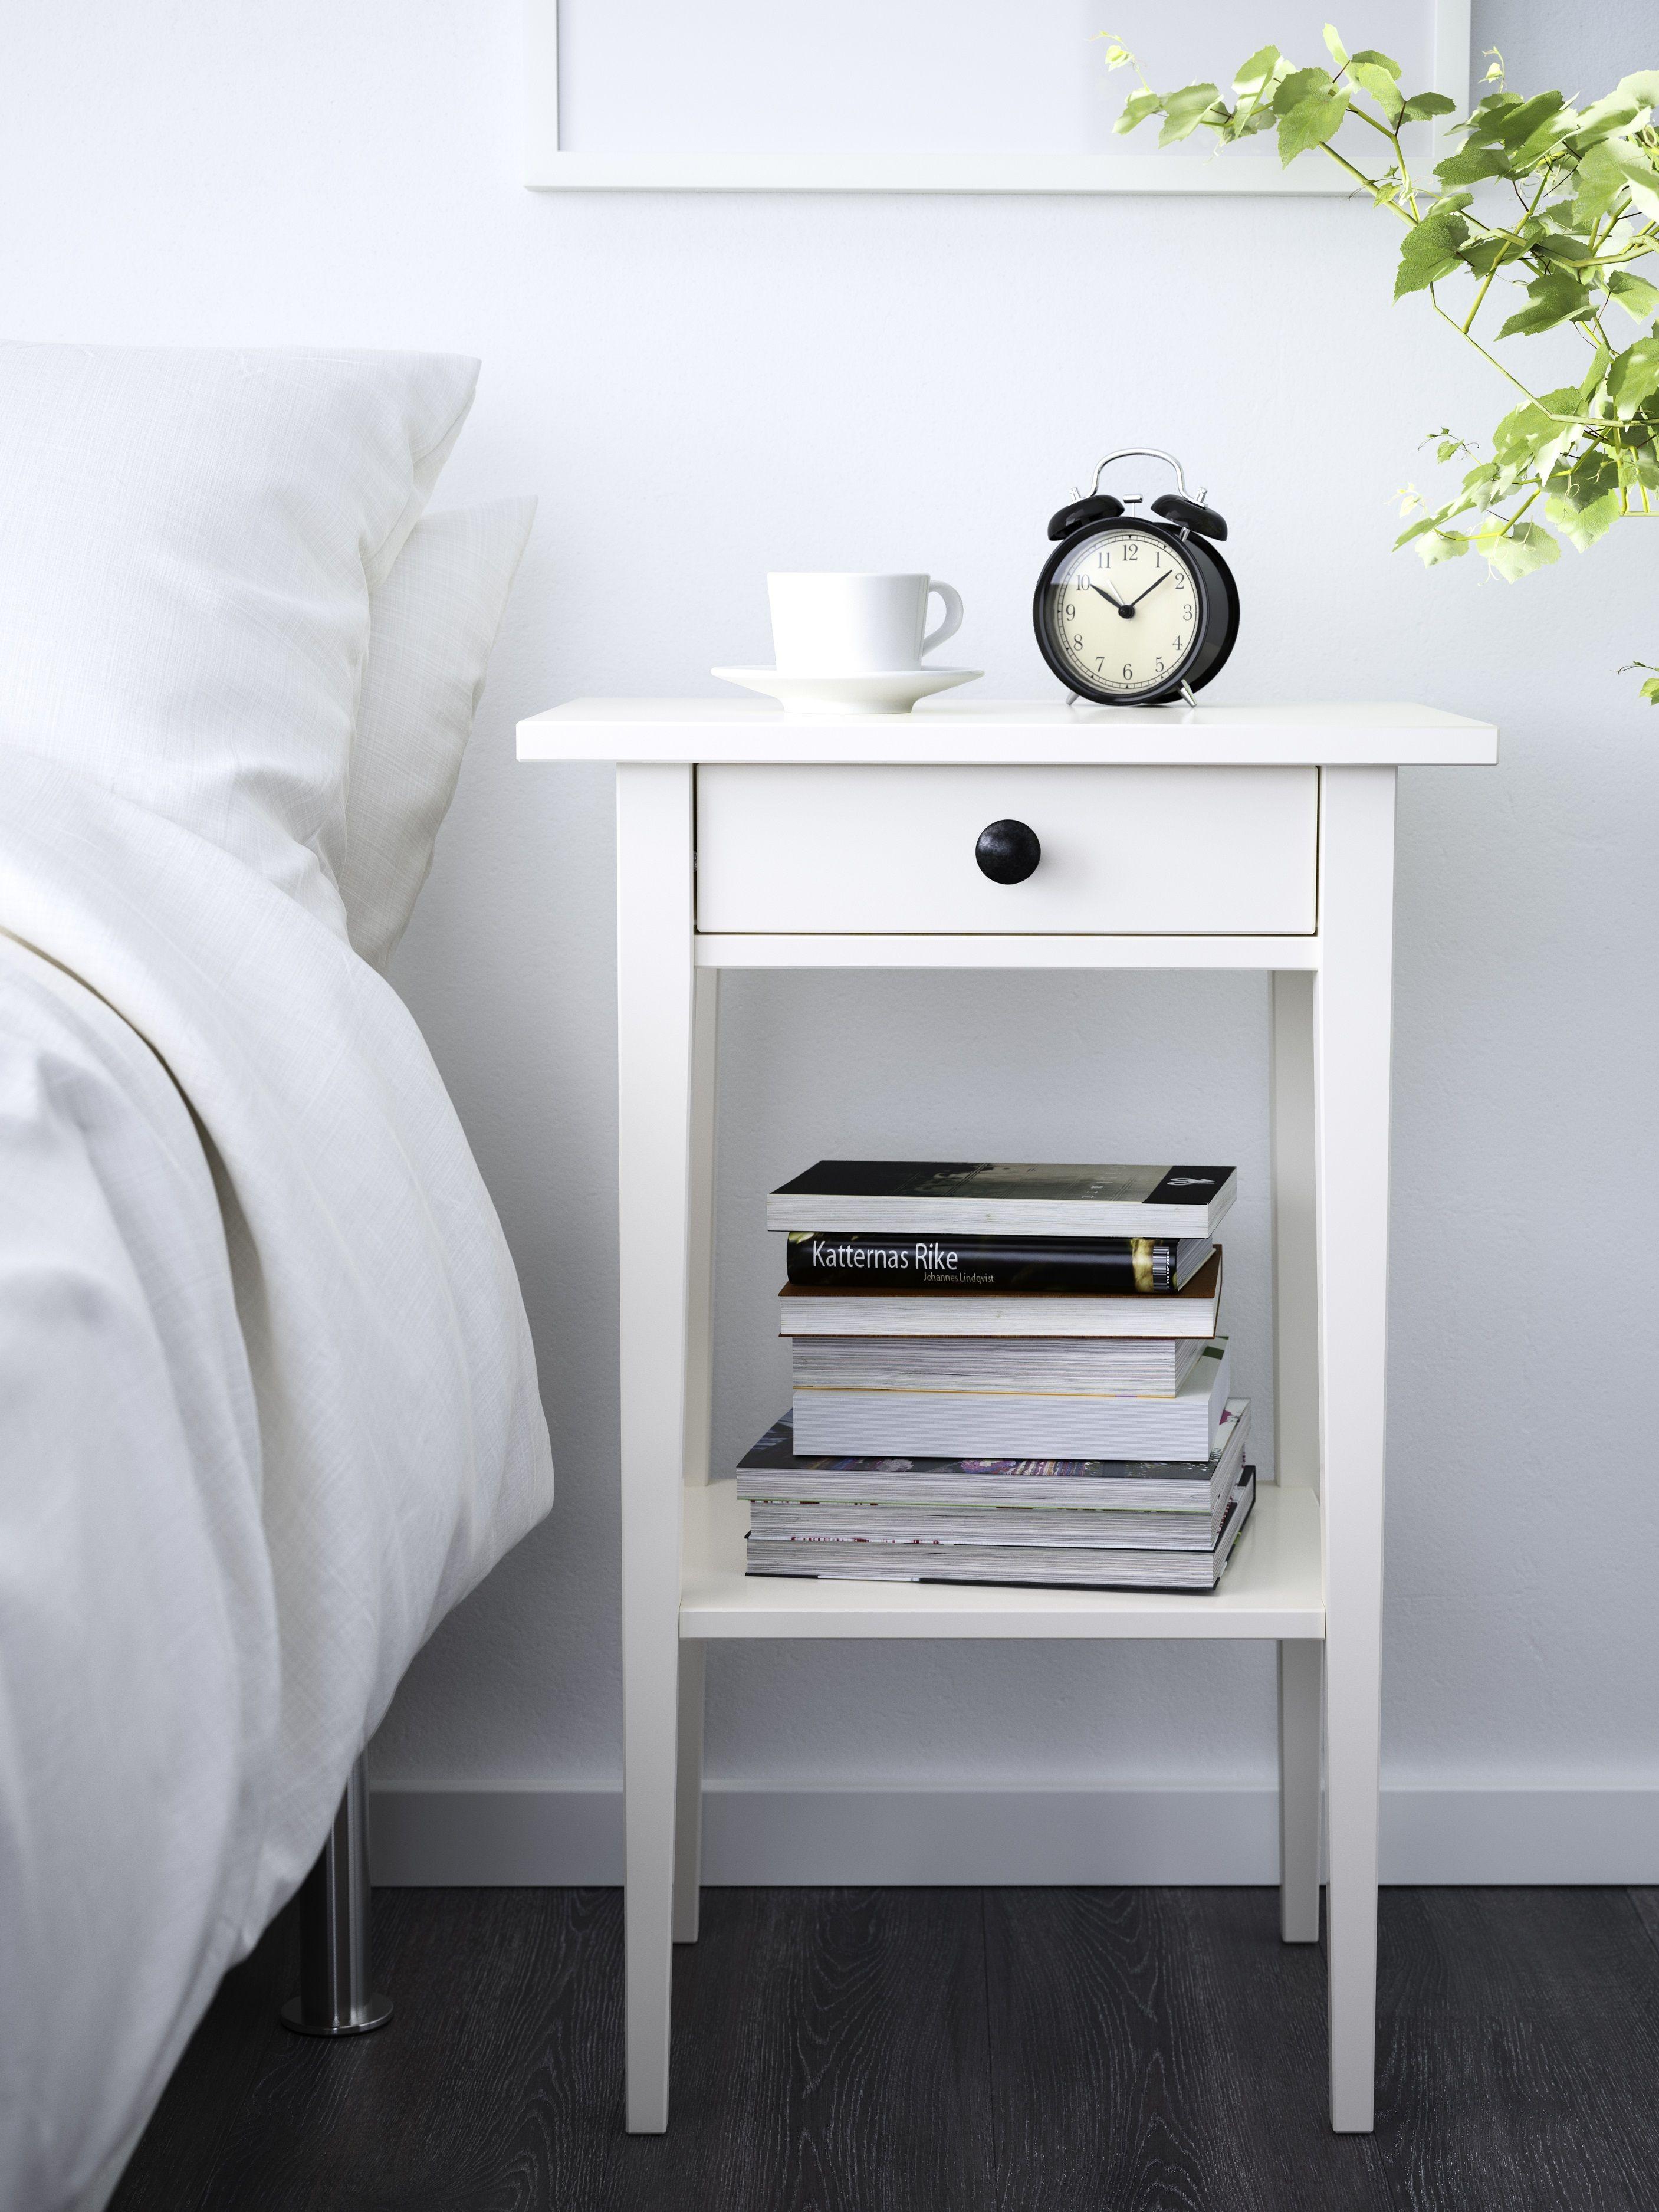 Hemnes Nachtkastje Ikea Ikeanl Slaapkamer Wit